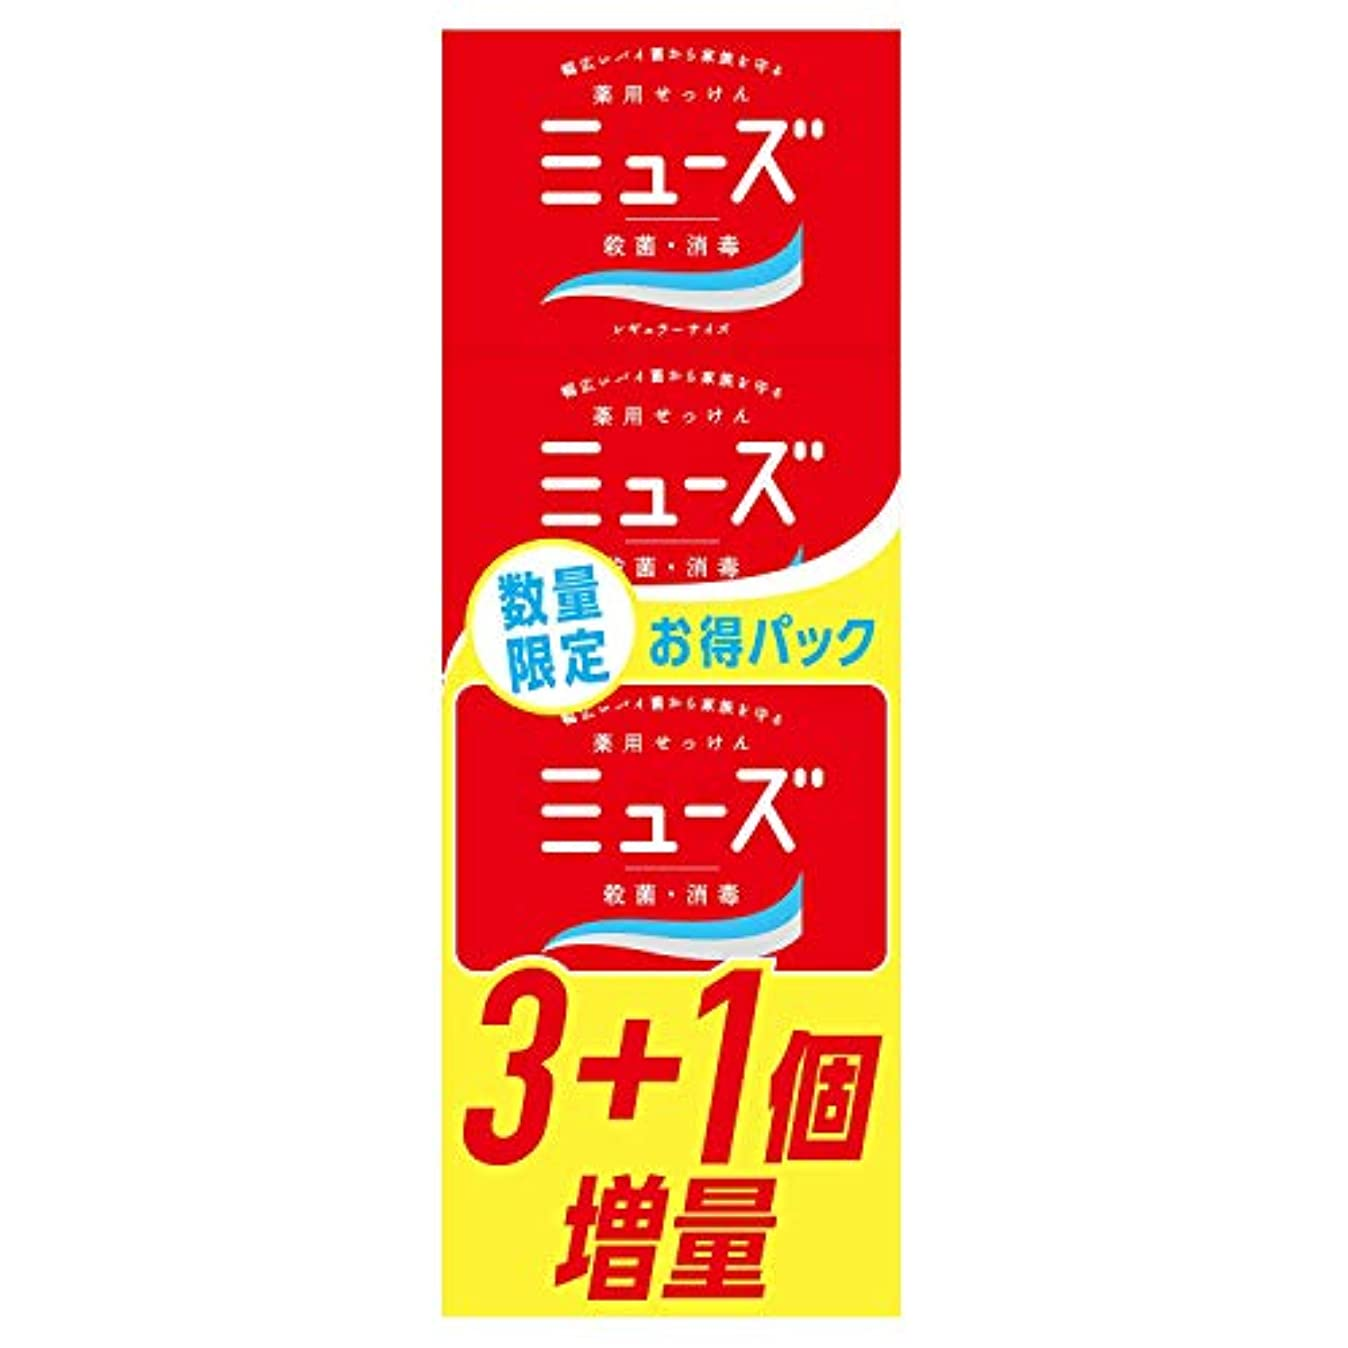 確認してください普通の日記【医薬部外品】ミューズ石鹸レギュラー 3+1限定品